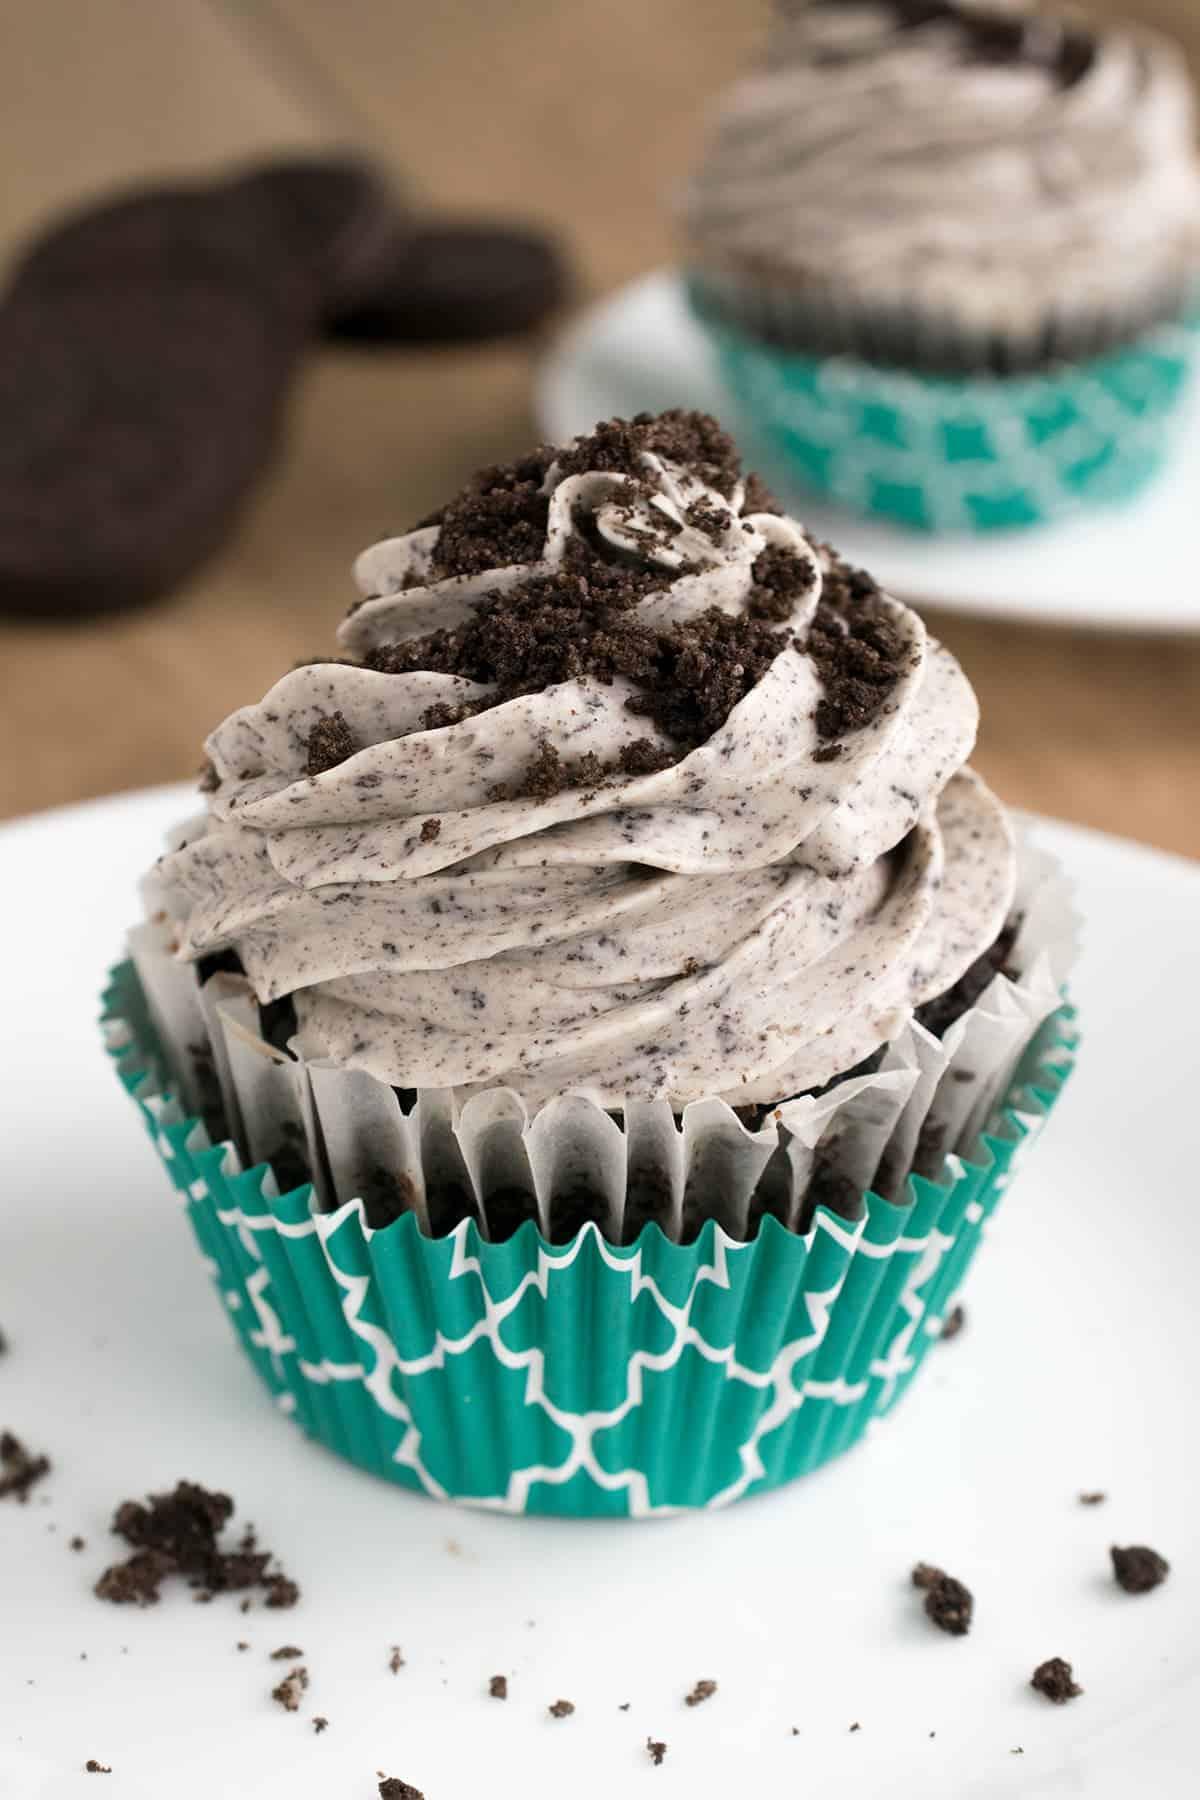 Best Vanilla Cupcake Recipe Using Cake Mix